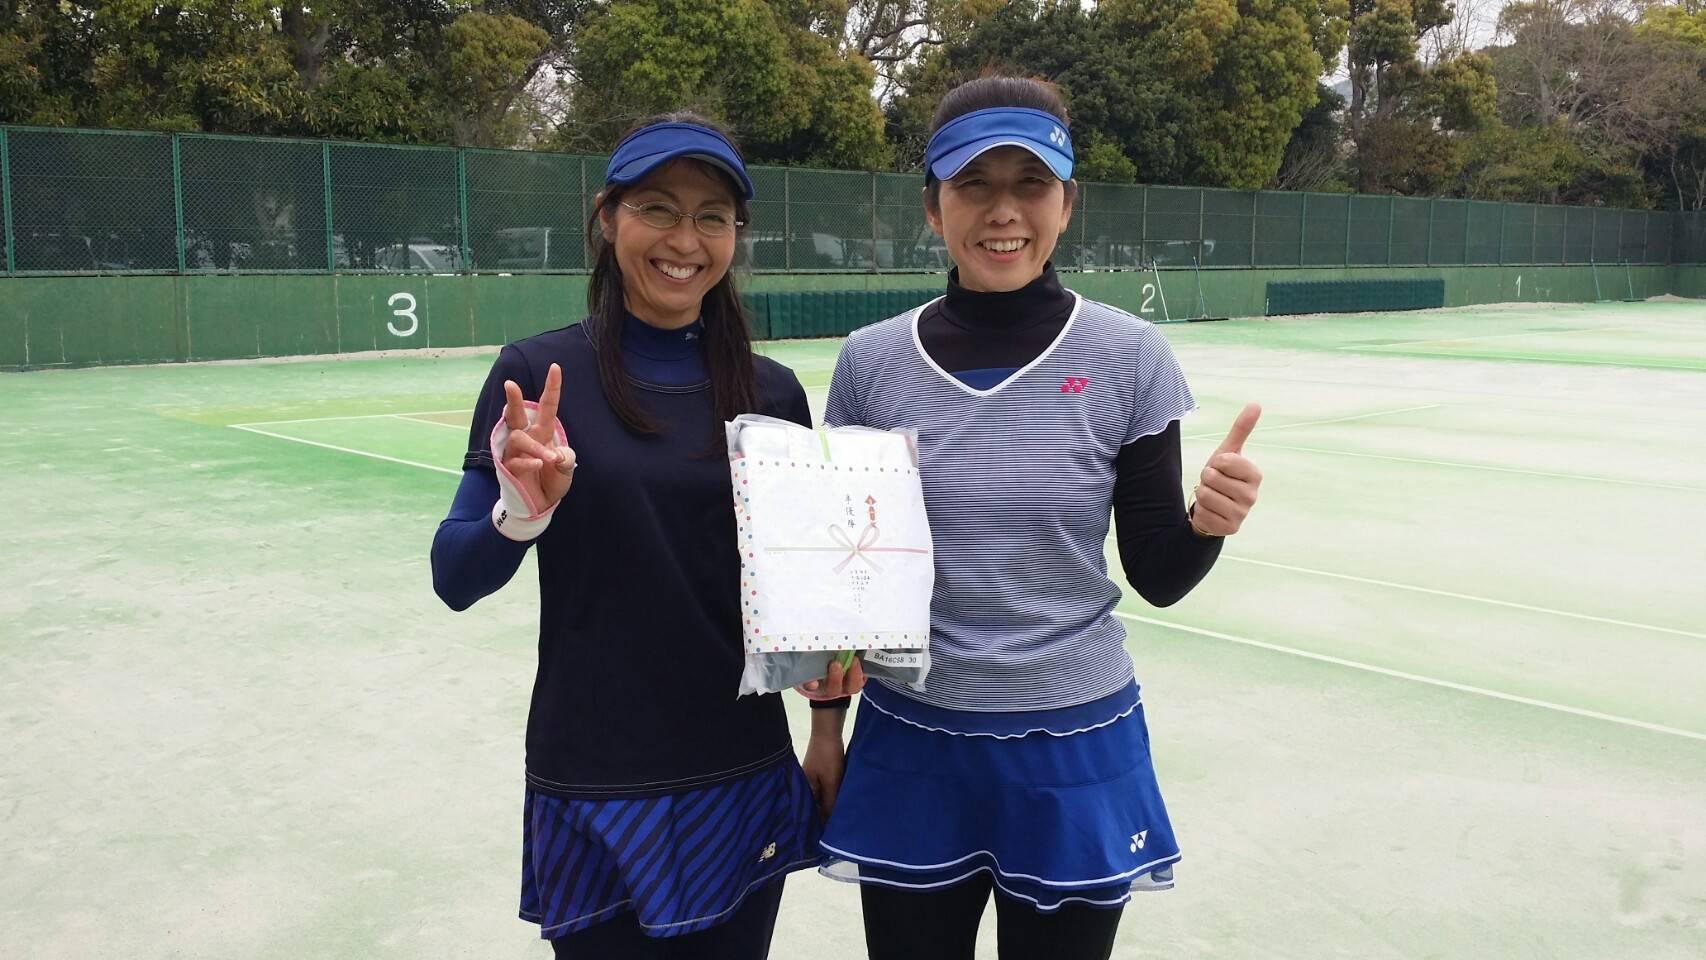 協会長杯豊橋ダブルストーナメント(男女ダブルス)